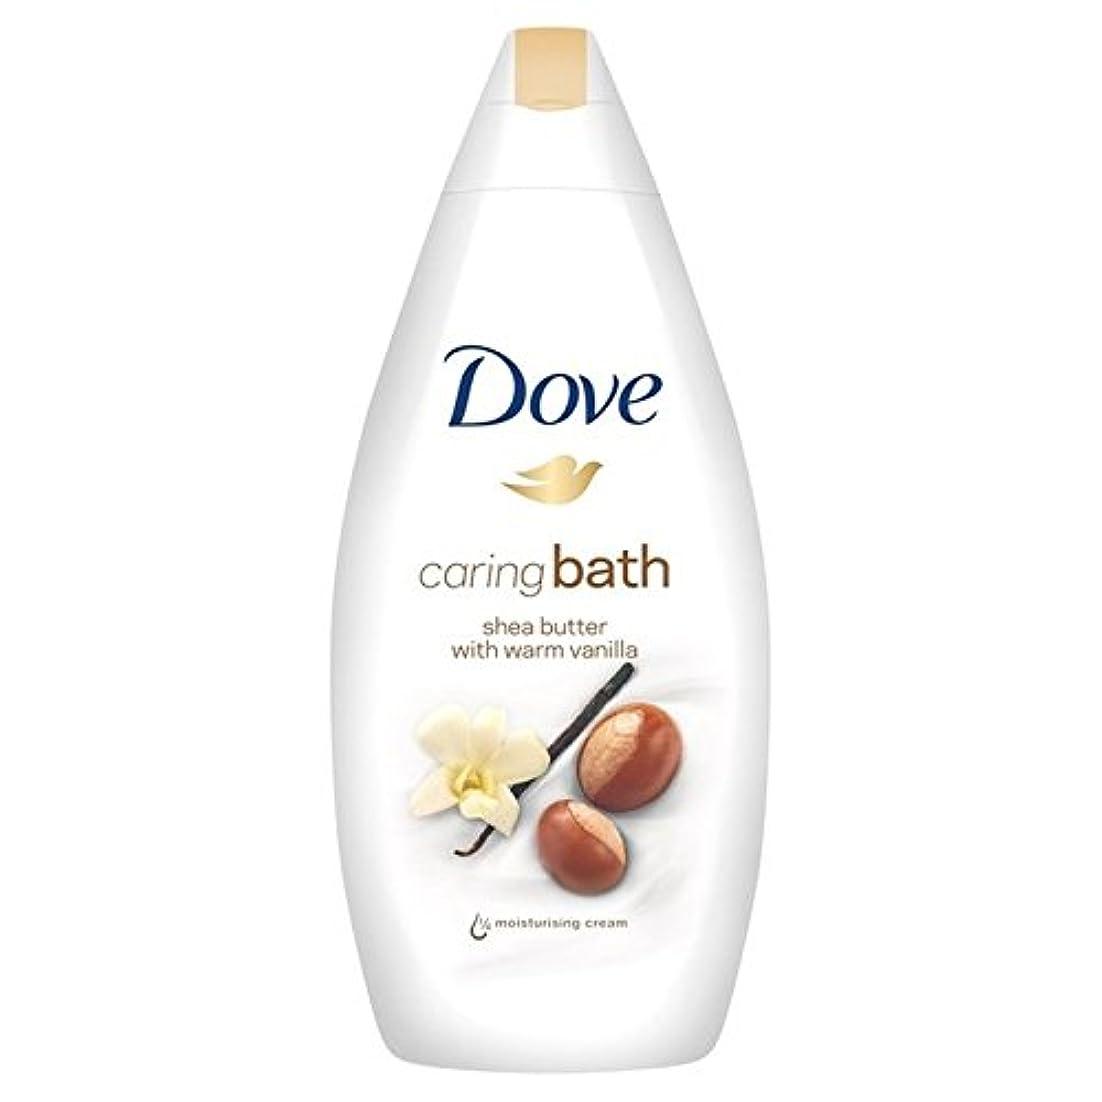 クローゼット魔術師一時的Dove Purely Pampering Shea Butter Caring Cream Bath 500ml - 鳩純粋な贅沢シアバター思いやりのあるクリームバス500ミリリットル [並行輸入品]